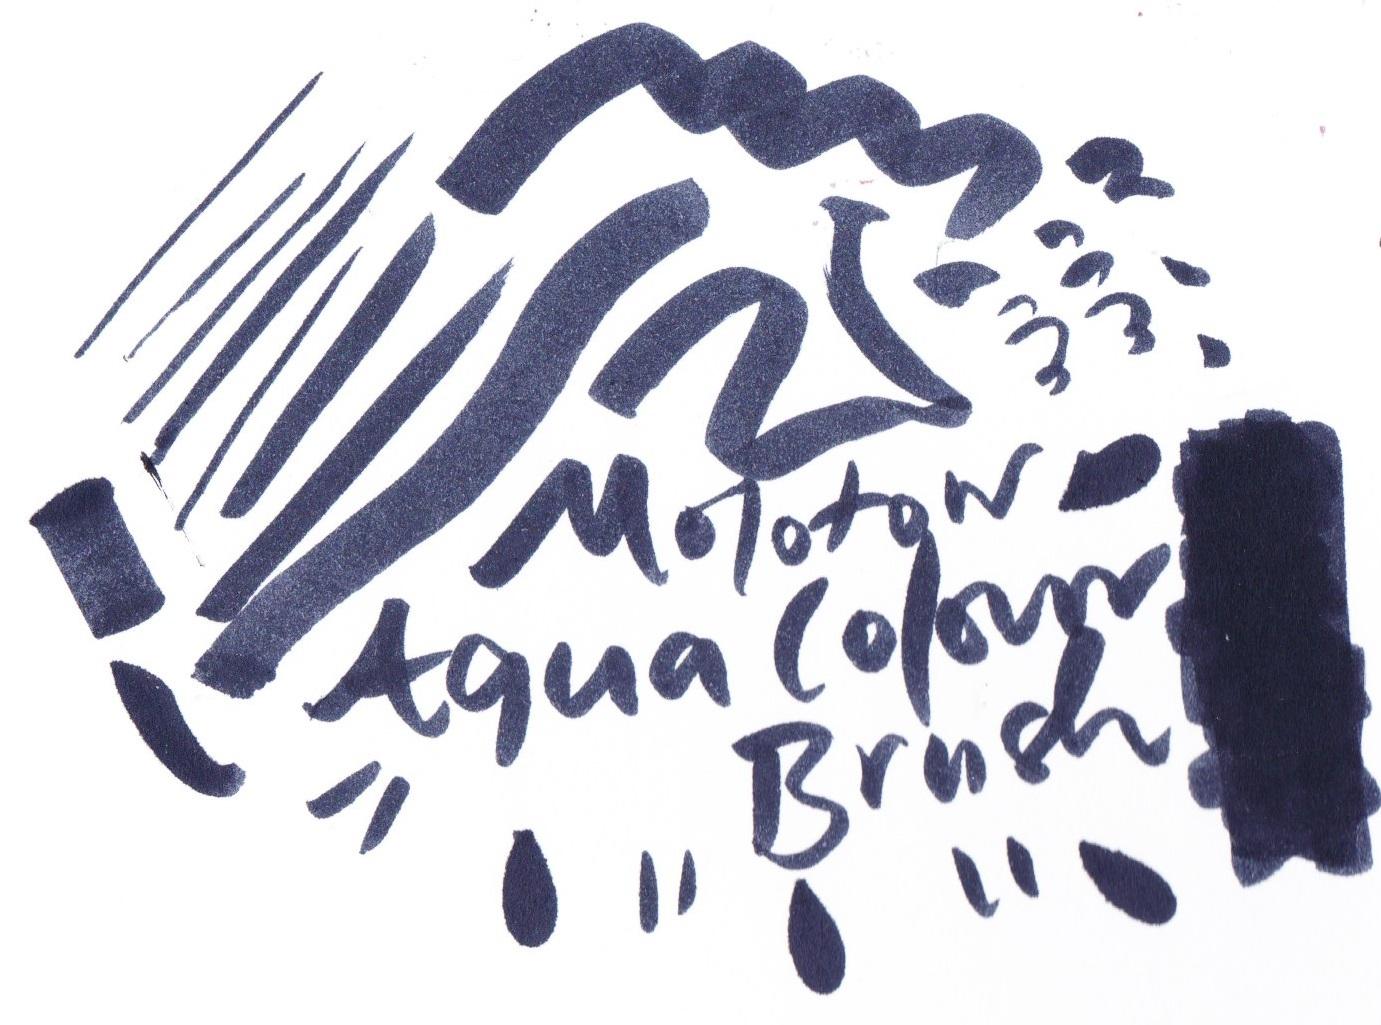 Molotow Aqua Colour Brush Marker, Deep Black on Bristol board